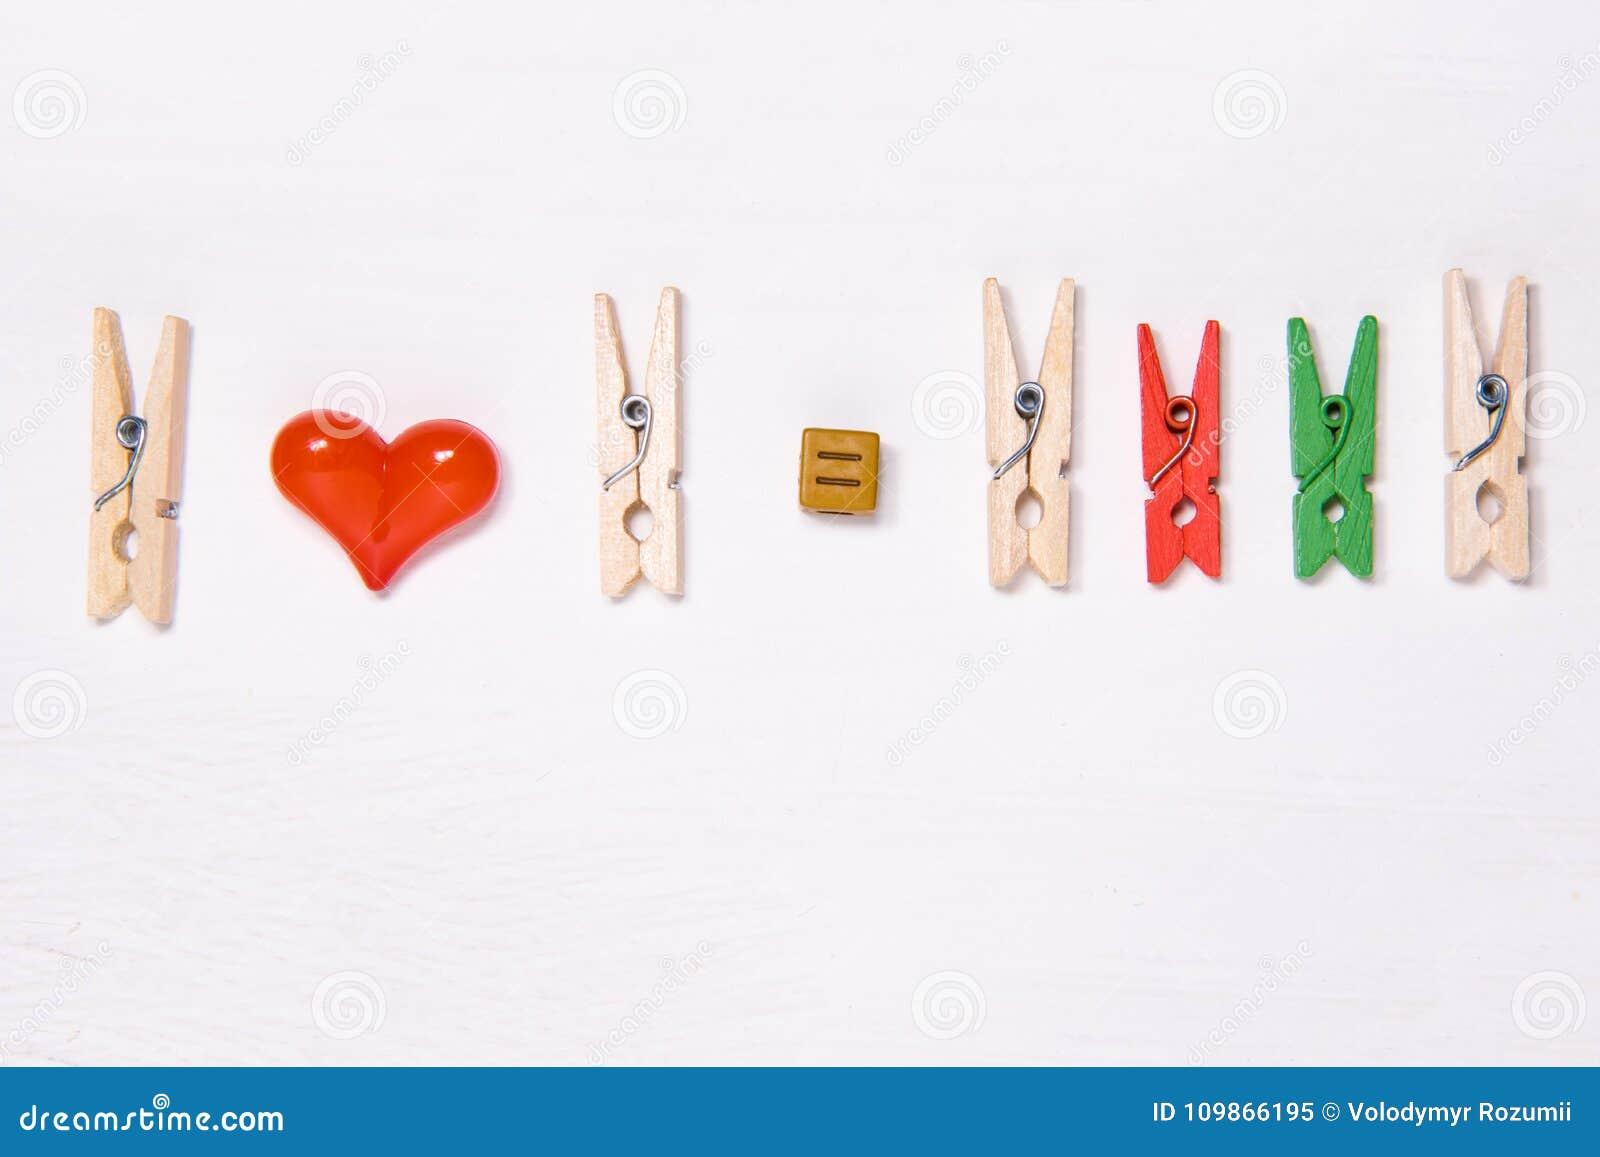 El concepto de una familia feliz de pinzas bajo la forma de amantes como resultado del amor aparece ser una familia con dos